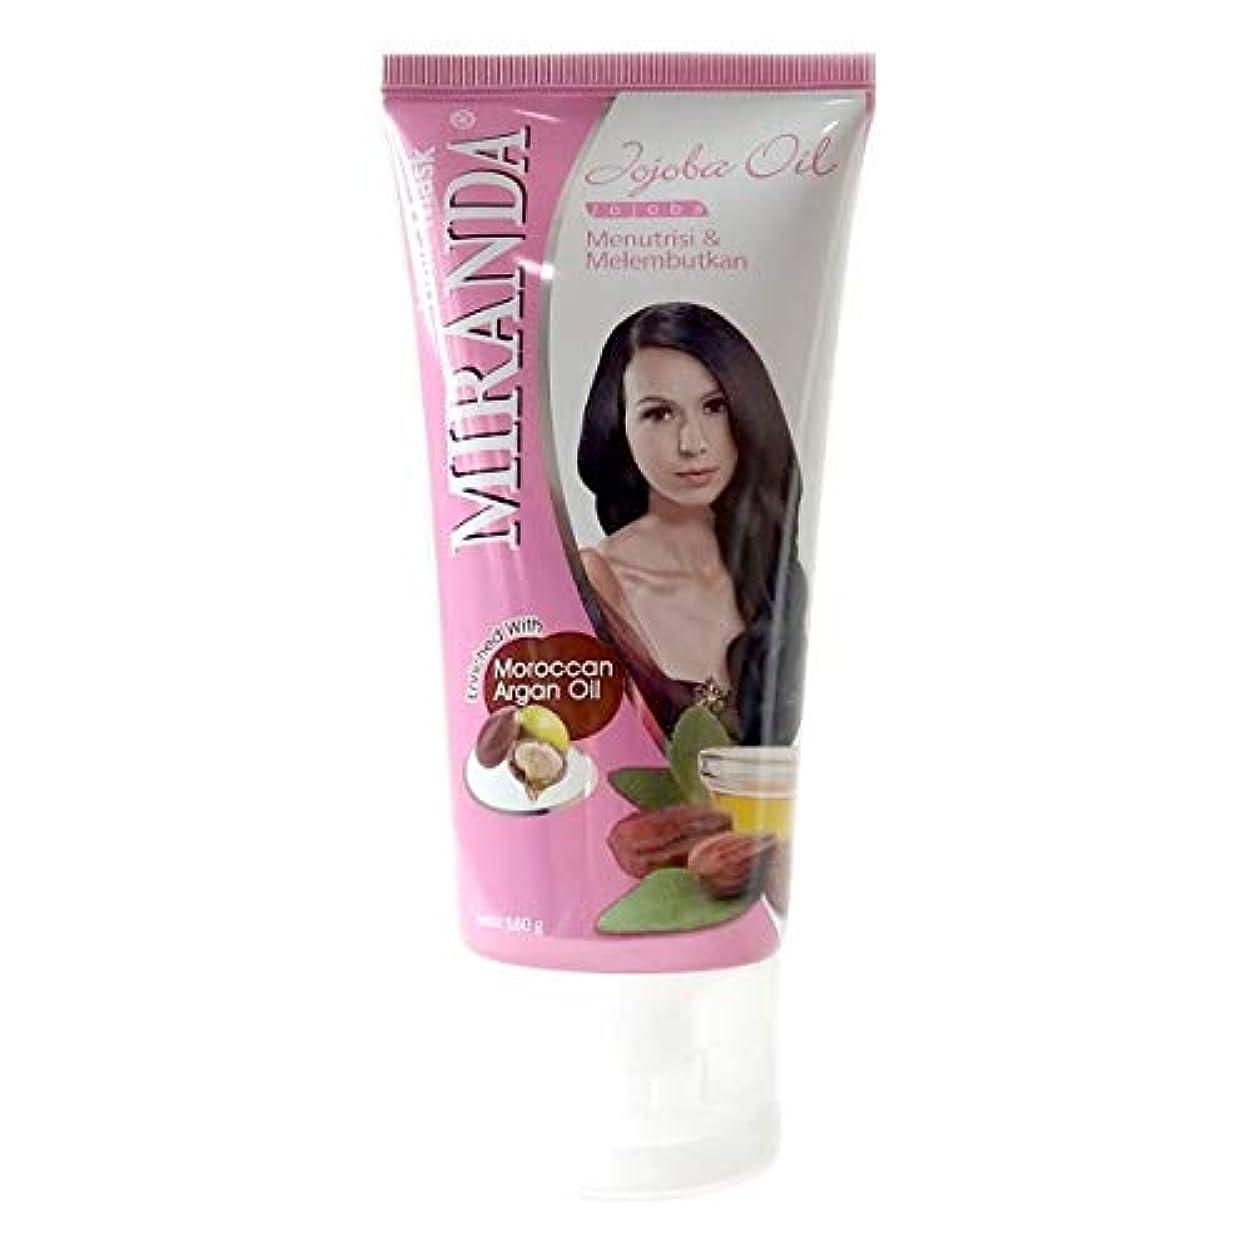 木狂乱知恵MIRANDA ミランダ Hair Mask ヘアマスク モロッカンアルガンオイル主成分のヘアトリートメント 160g Jojoba oil ホホバオイル [海外直送品]